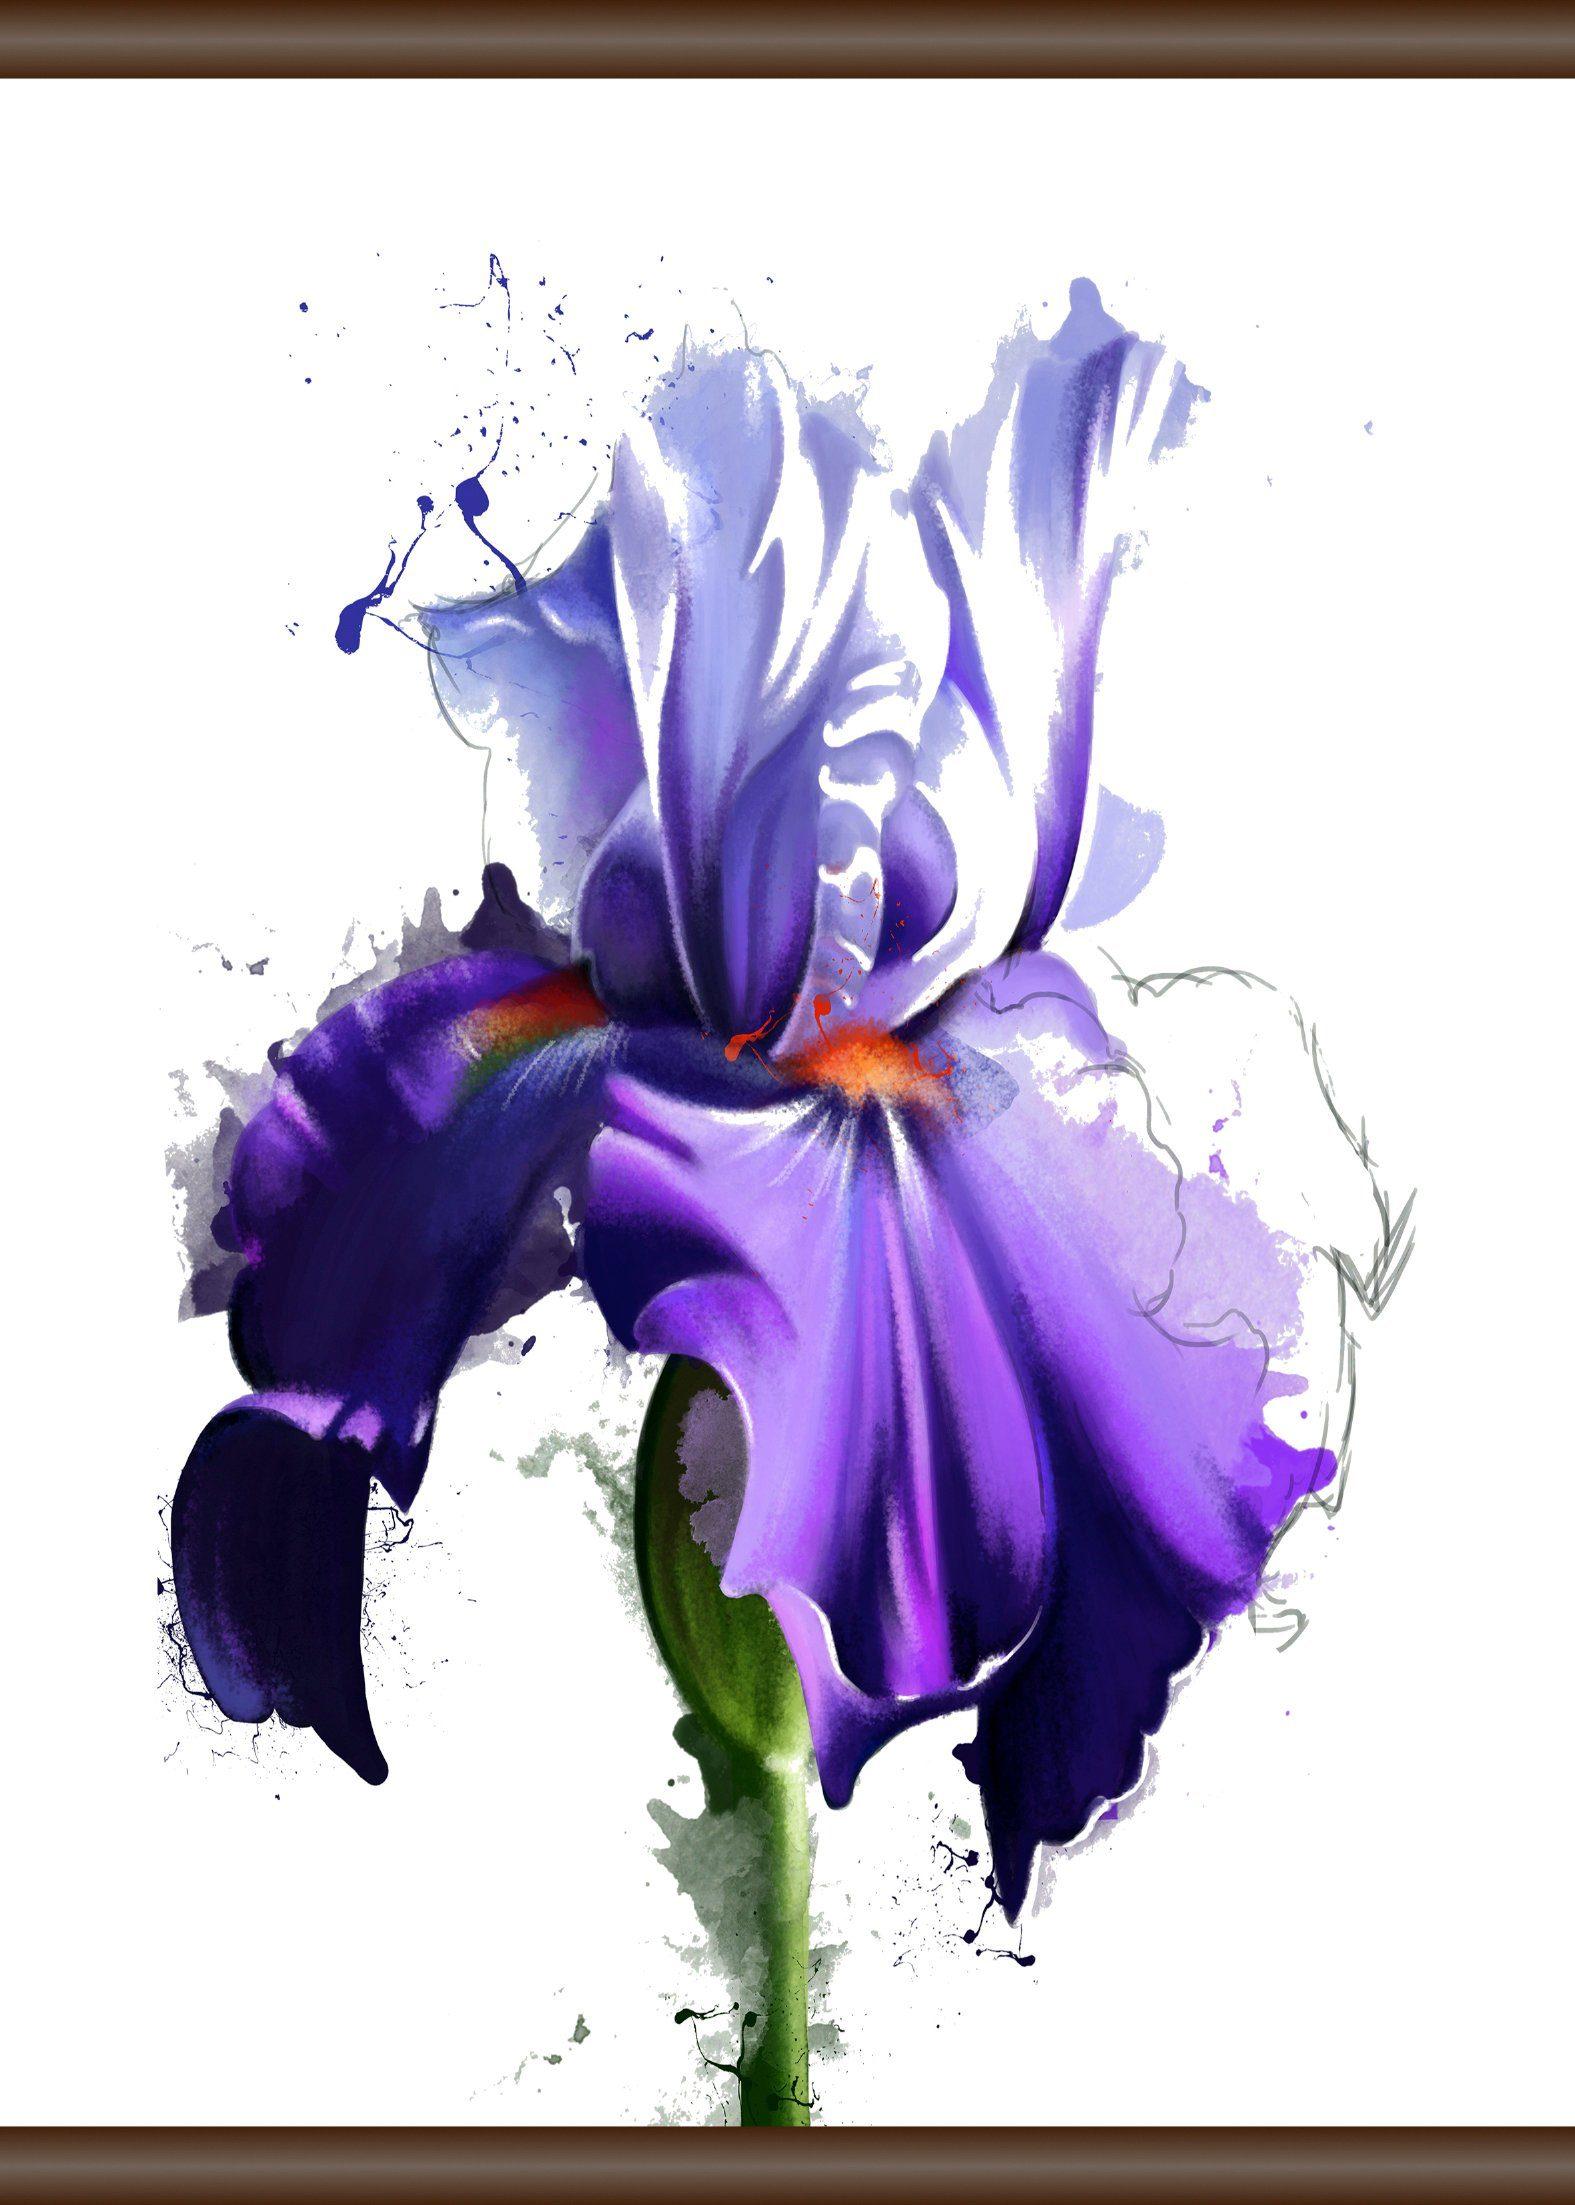 QUEENCE Leinwand »Lila Blüte«, Leinwand Rollbild 50x70 cm